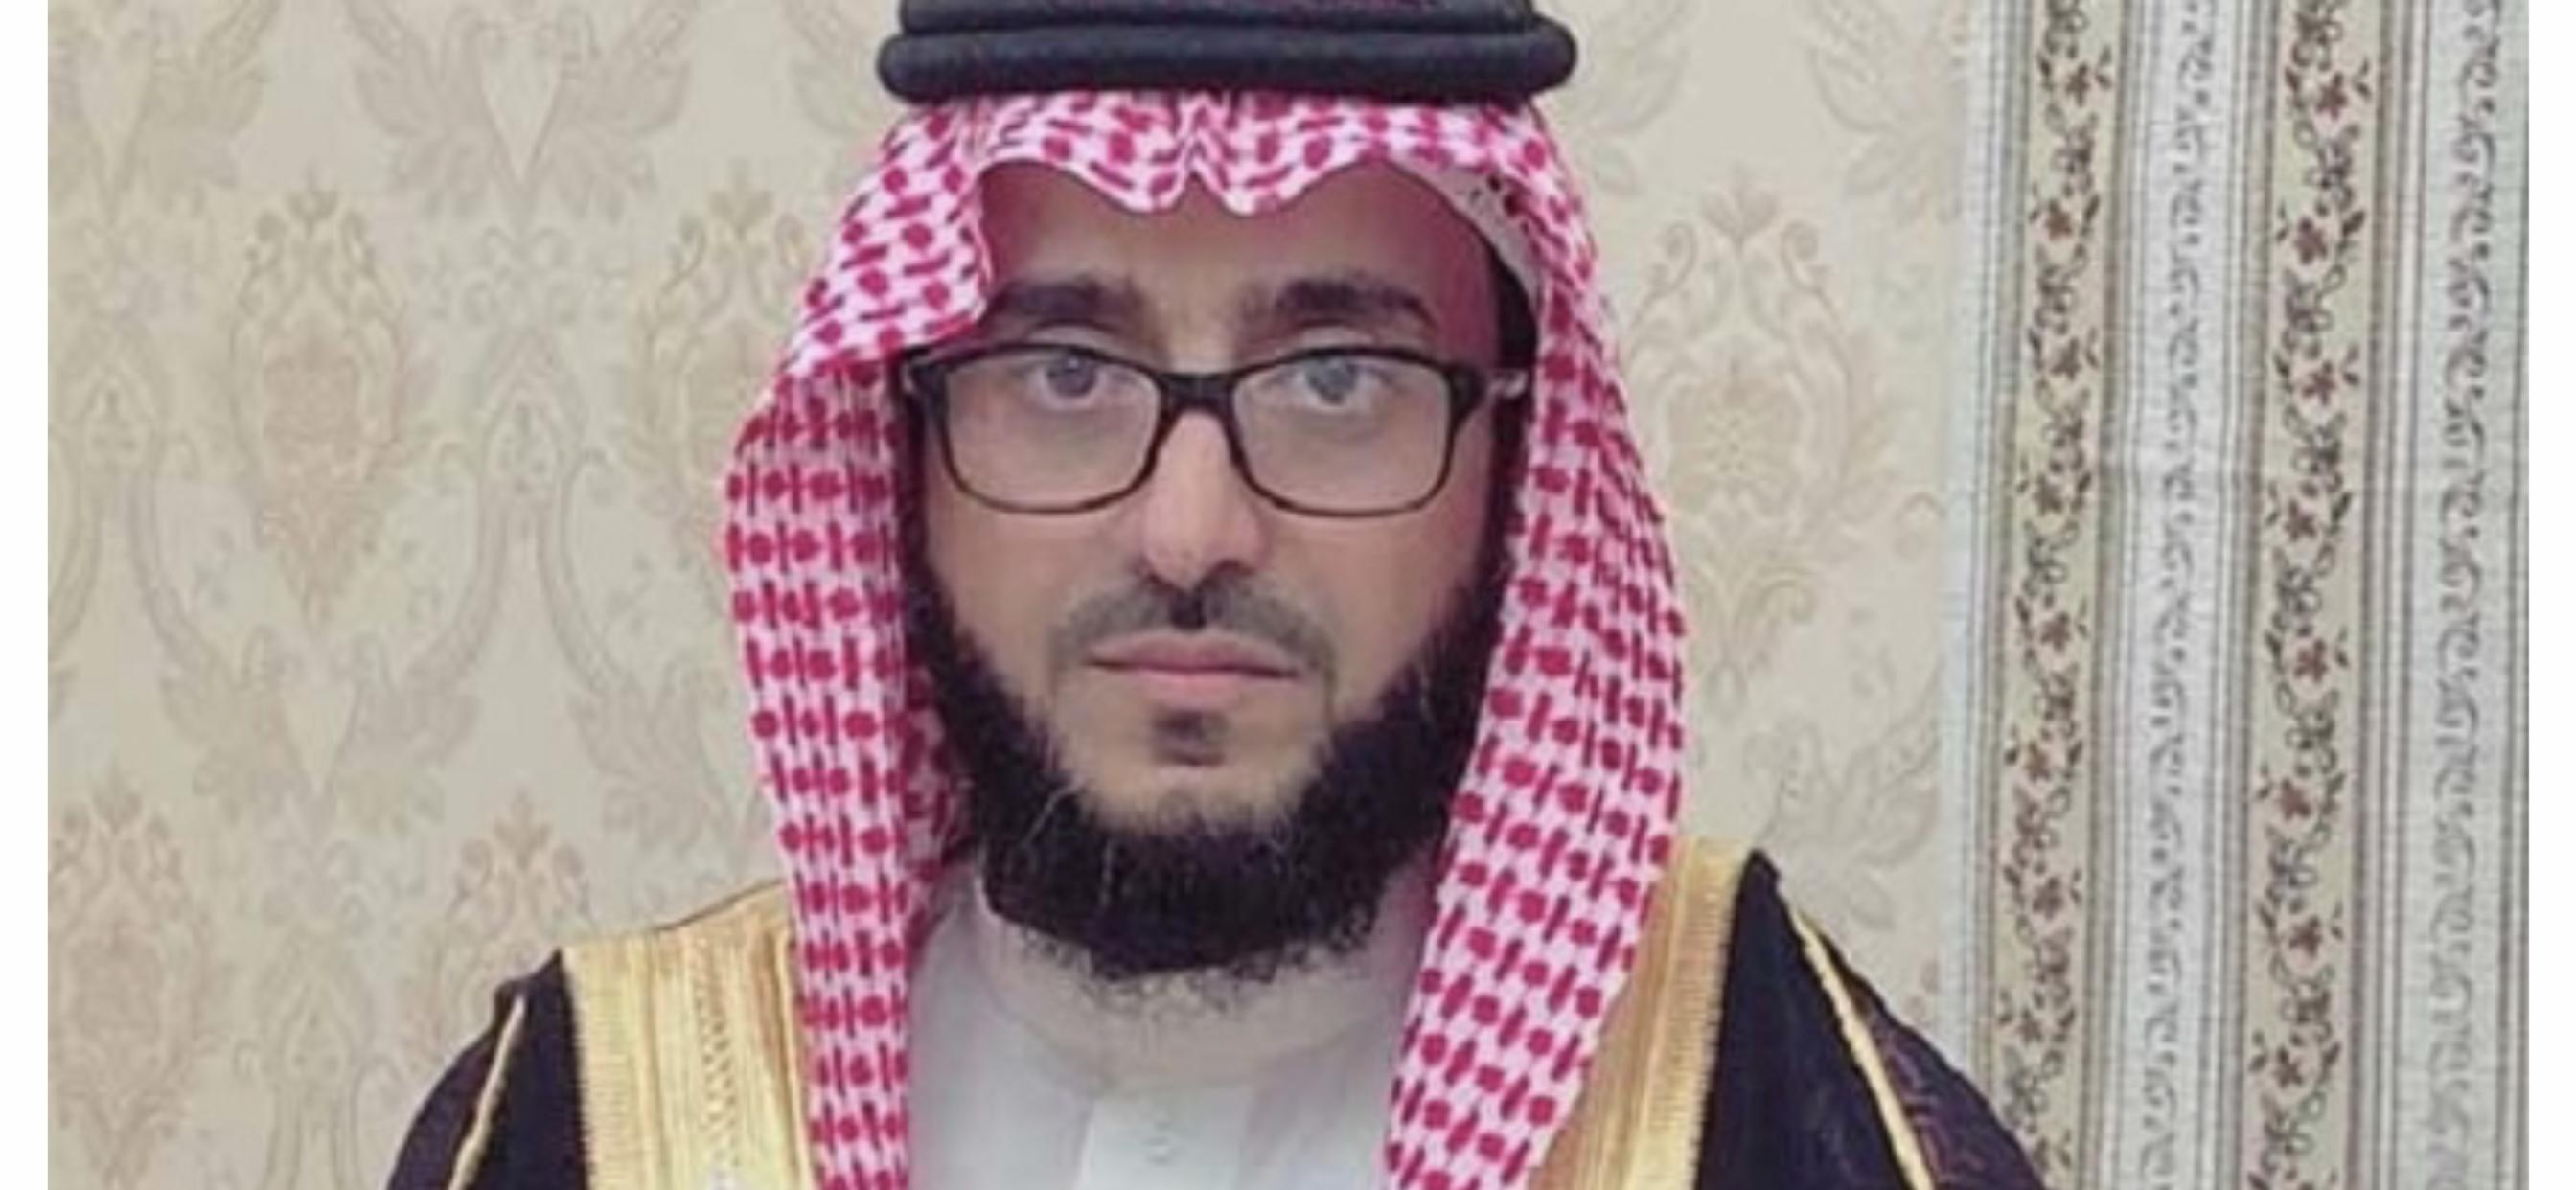 رد: محاولة انقلاب في الاردن و اعتقال 20 مسؤولاً من بينهم الحمزة بن الحسين .